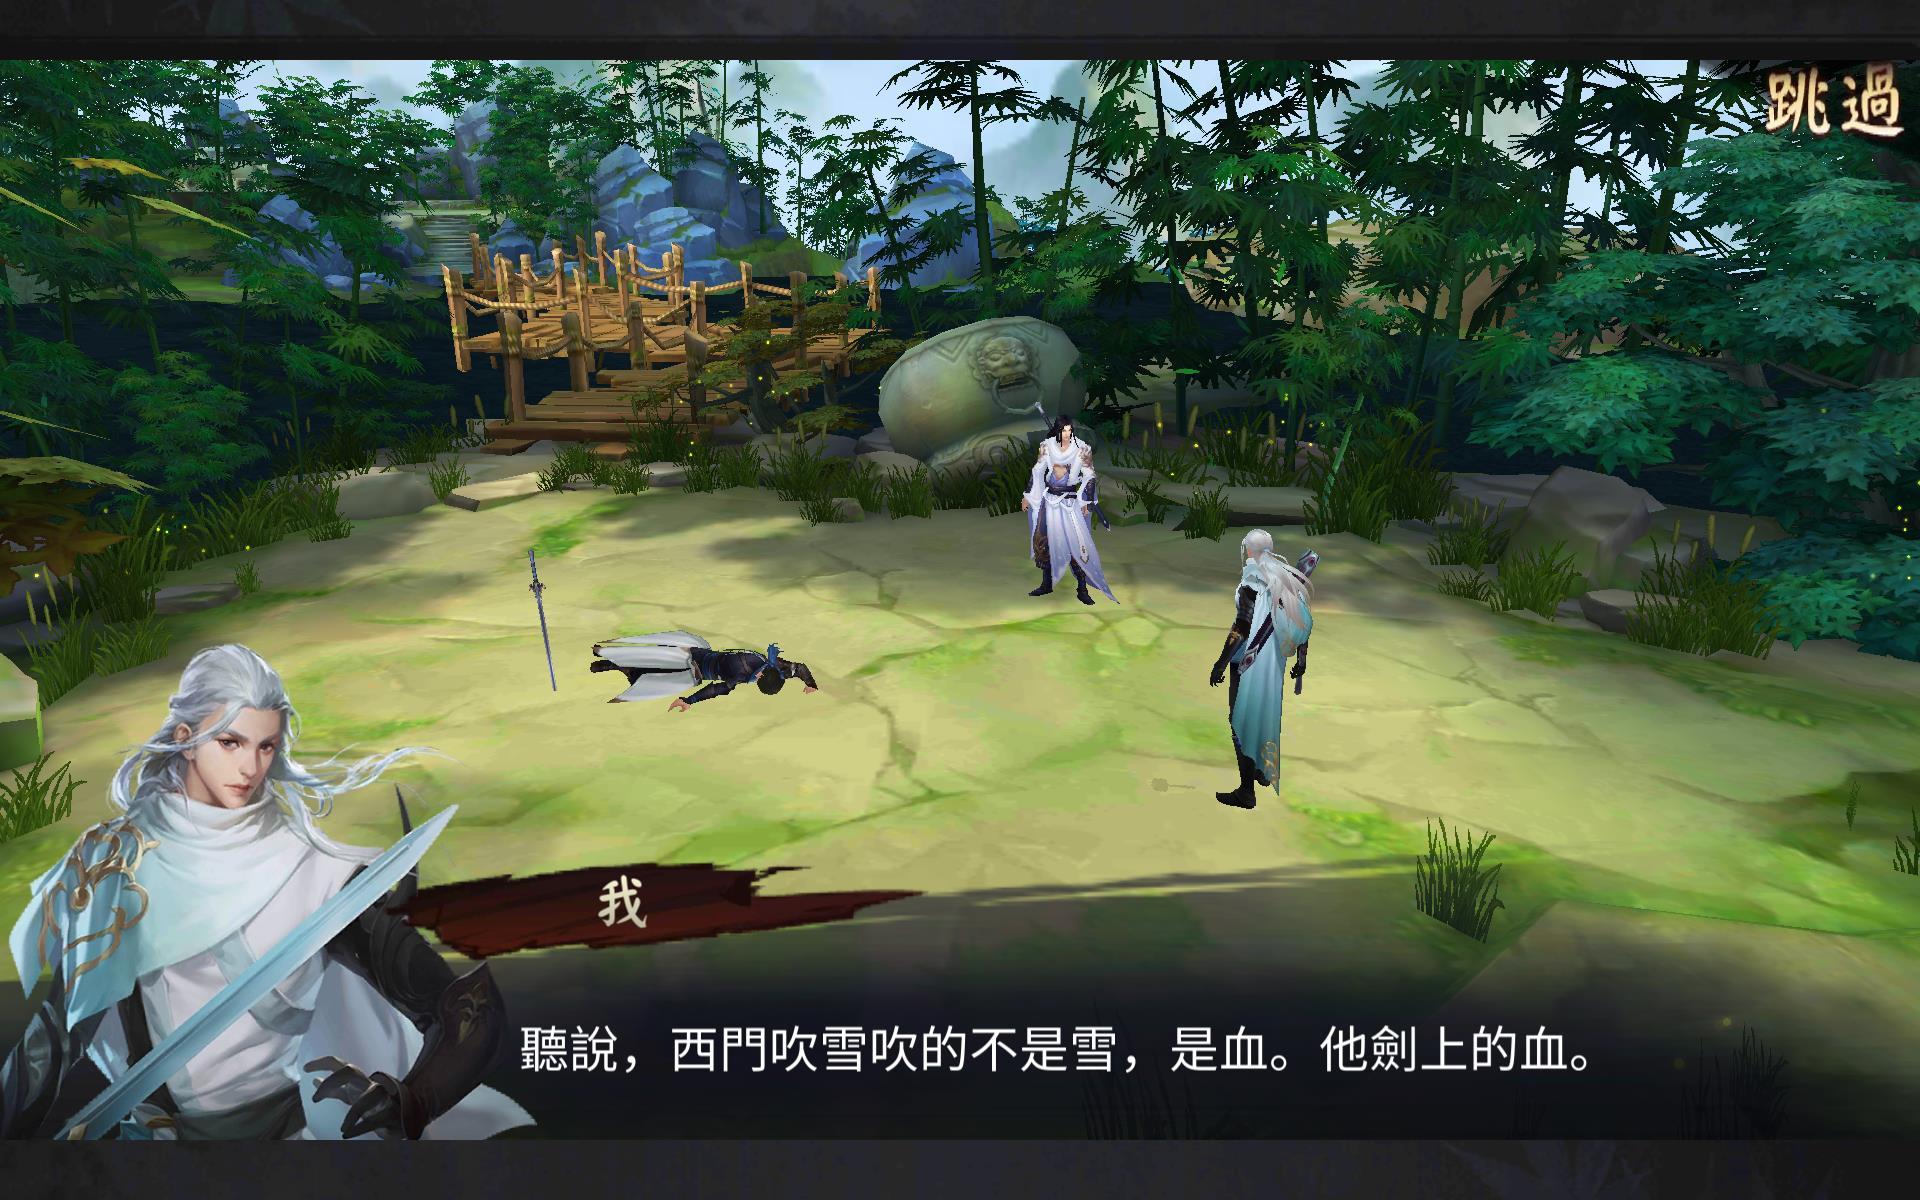 #圖02 在劇情關卡中,玩家可深入了解小說故事的走向。